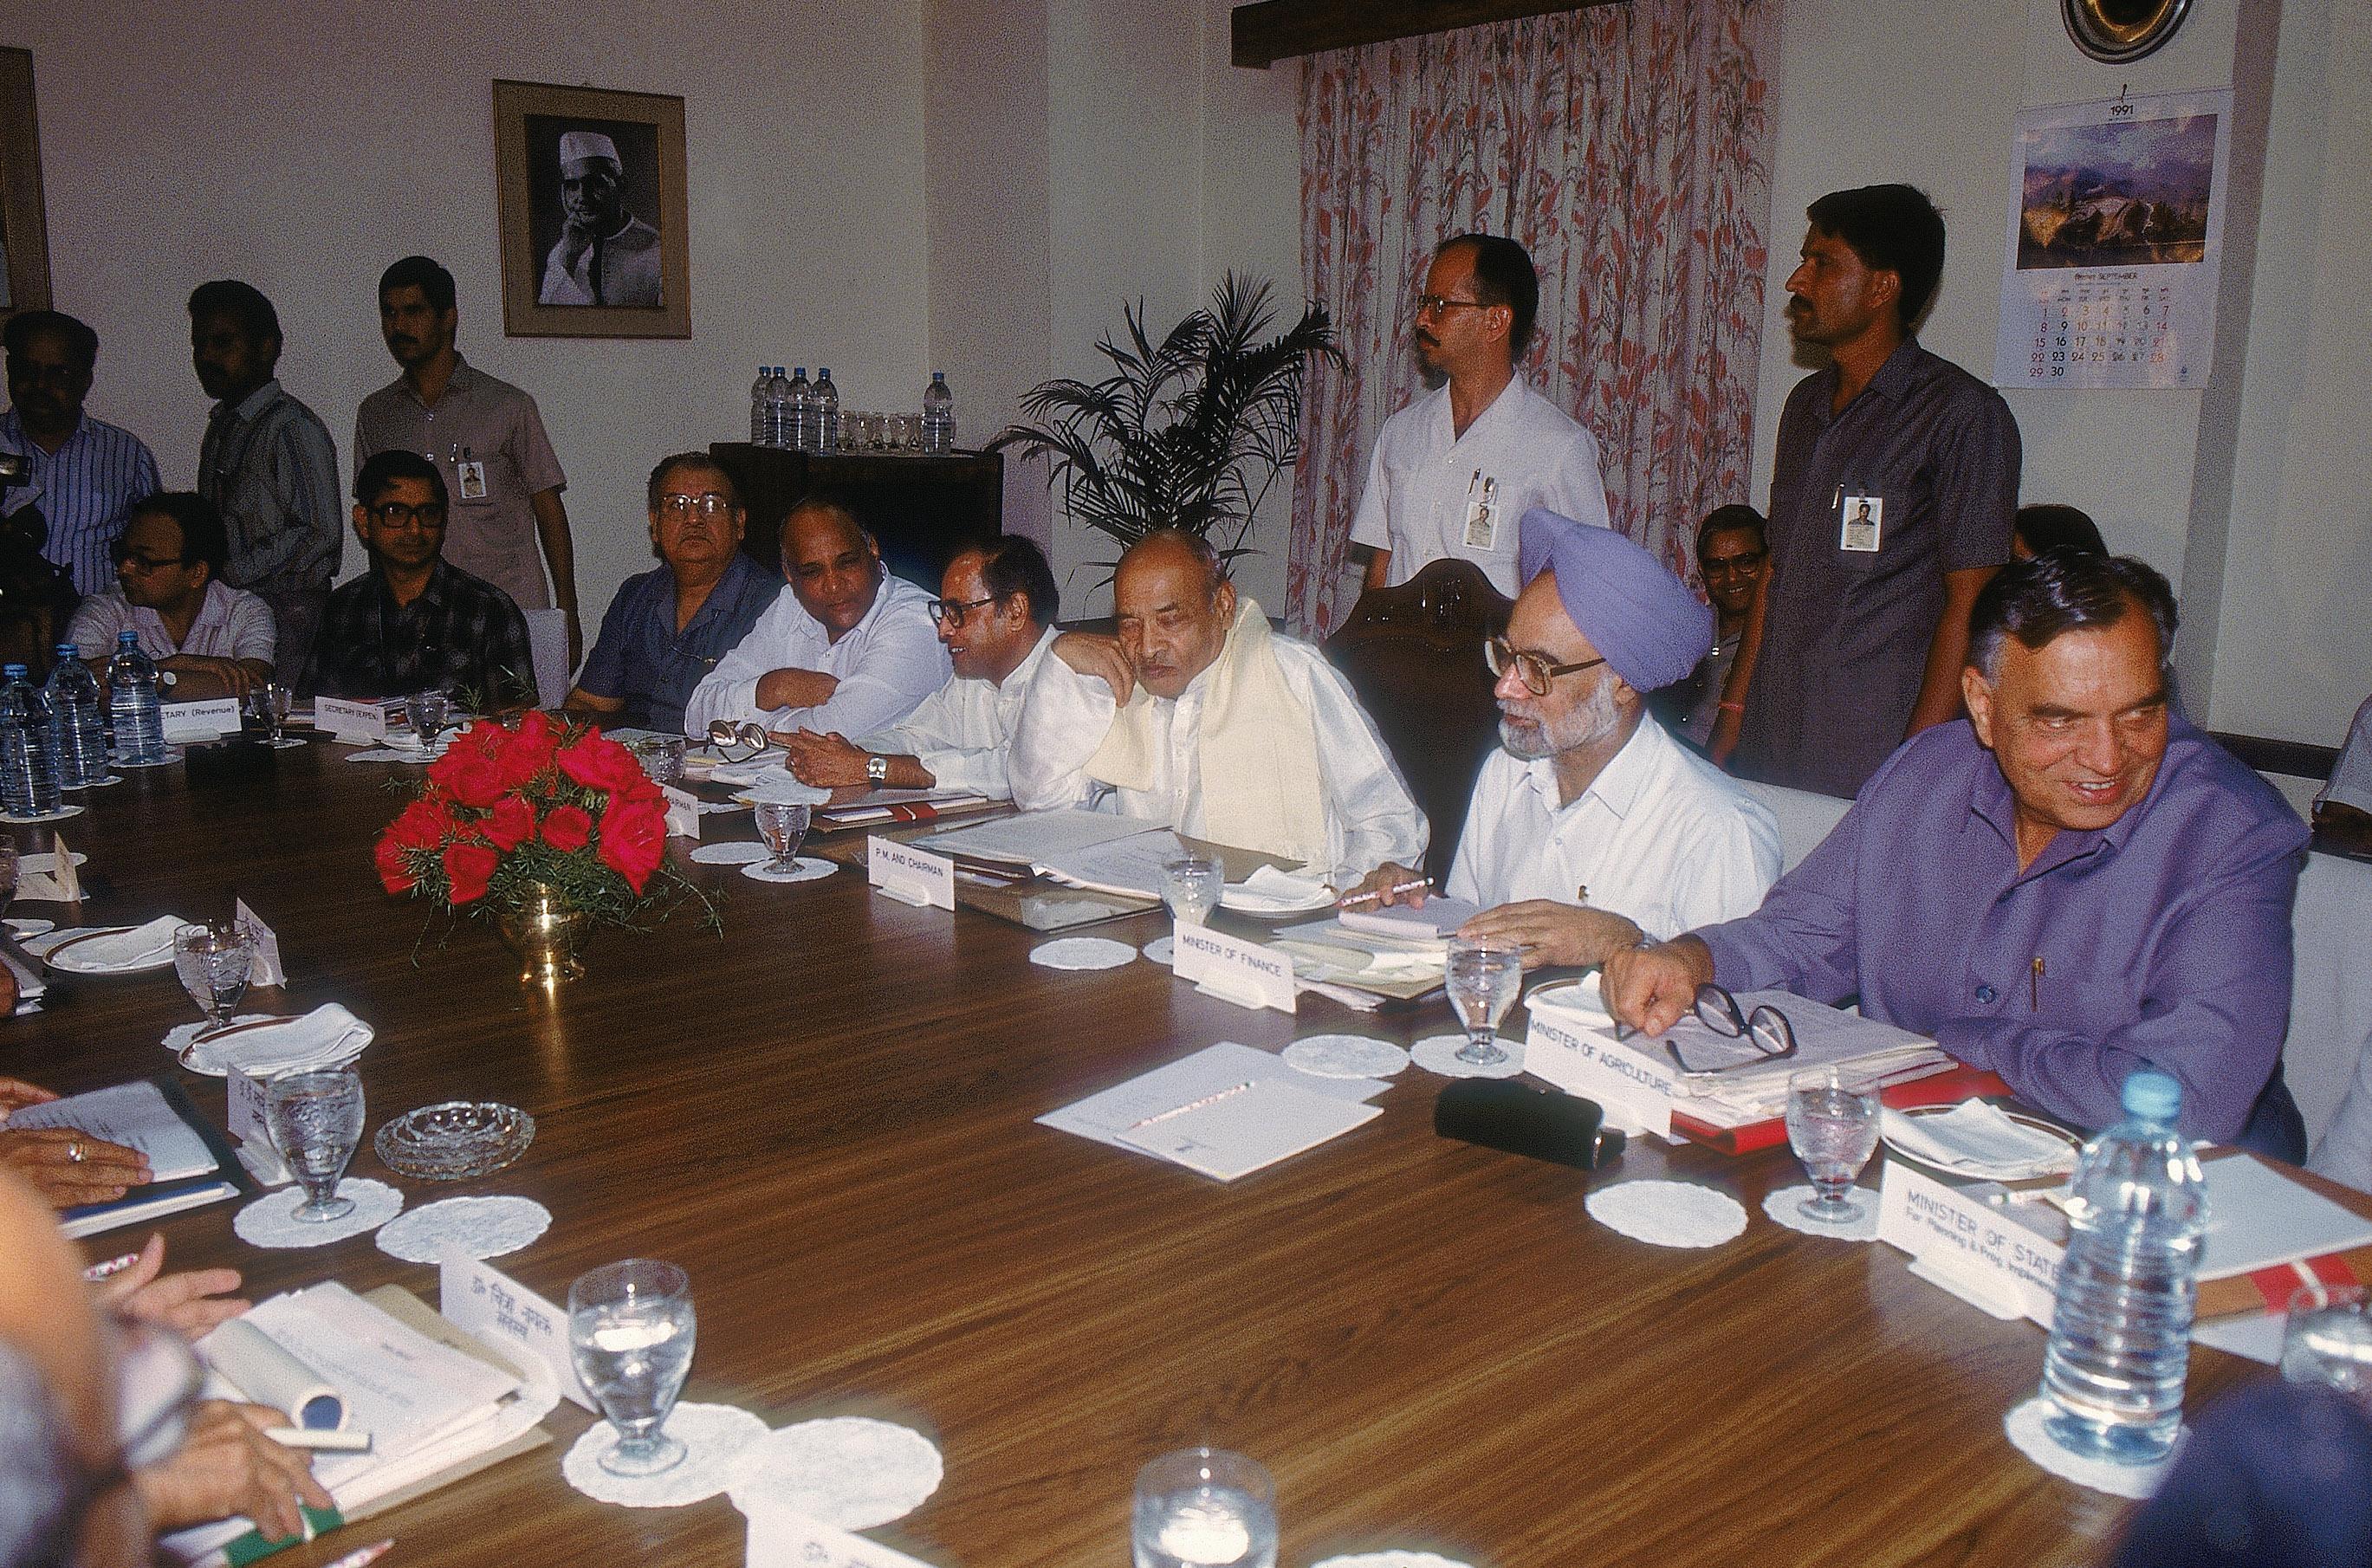 तत्कालीन वित्त मंत्री डॉ मनमोहन सिंह - फाइल फोटो